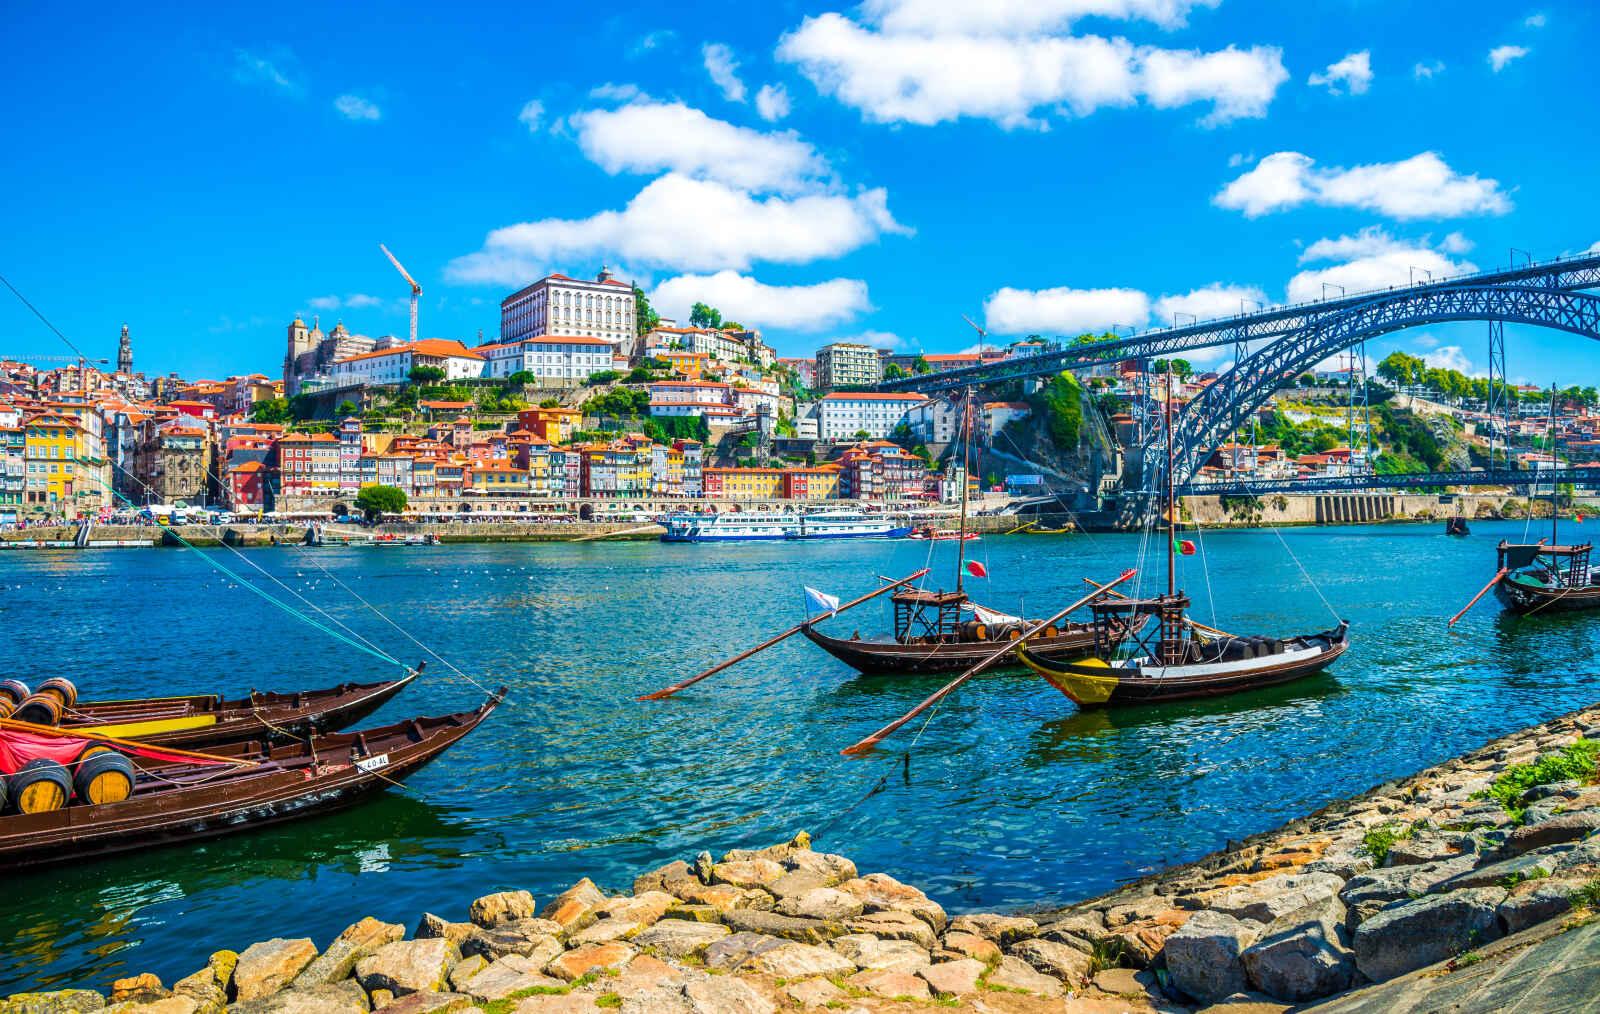 Séjour Nord Portugal - Autotour Portugal, au fil du Douro avec votre propre véhicule